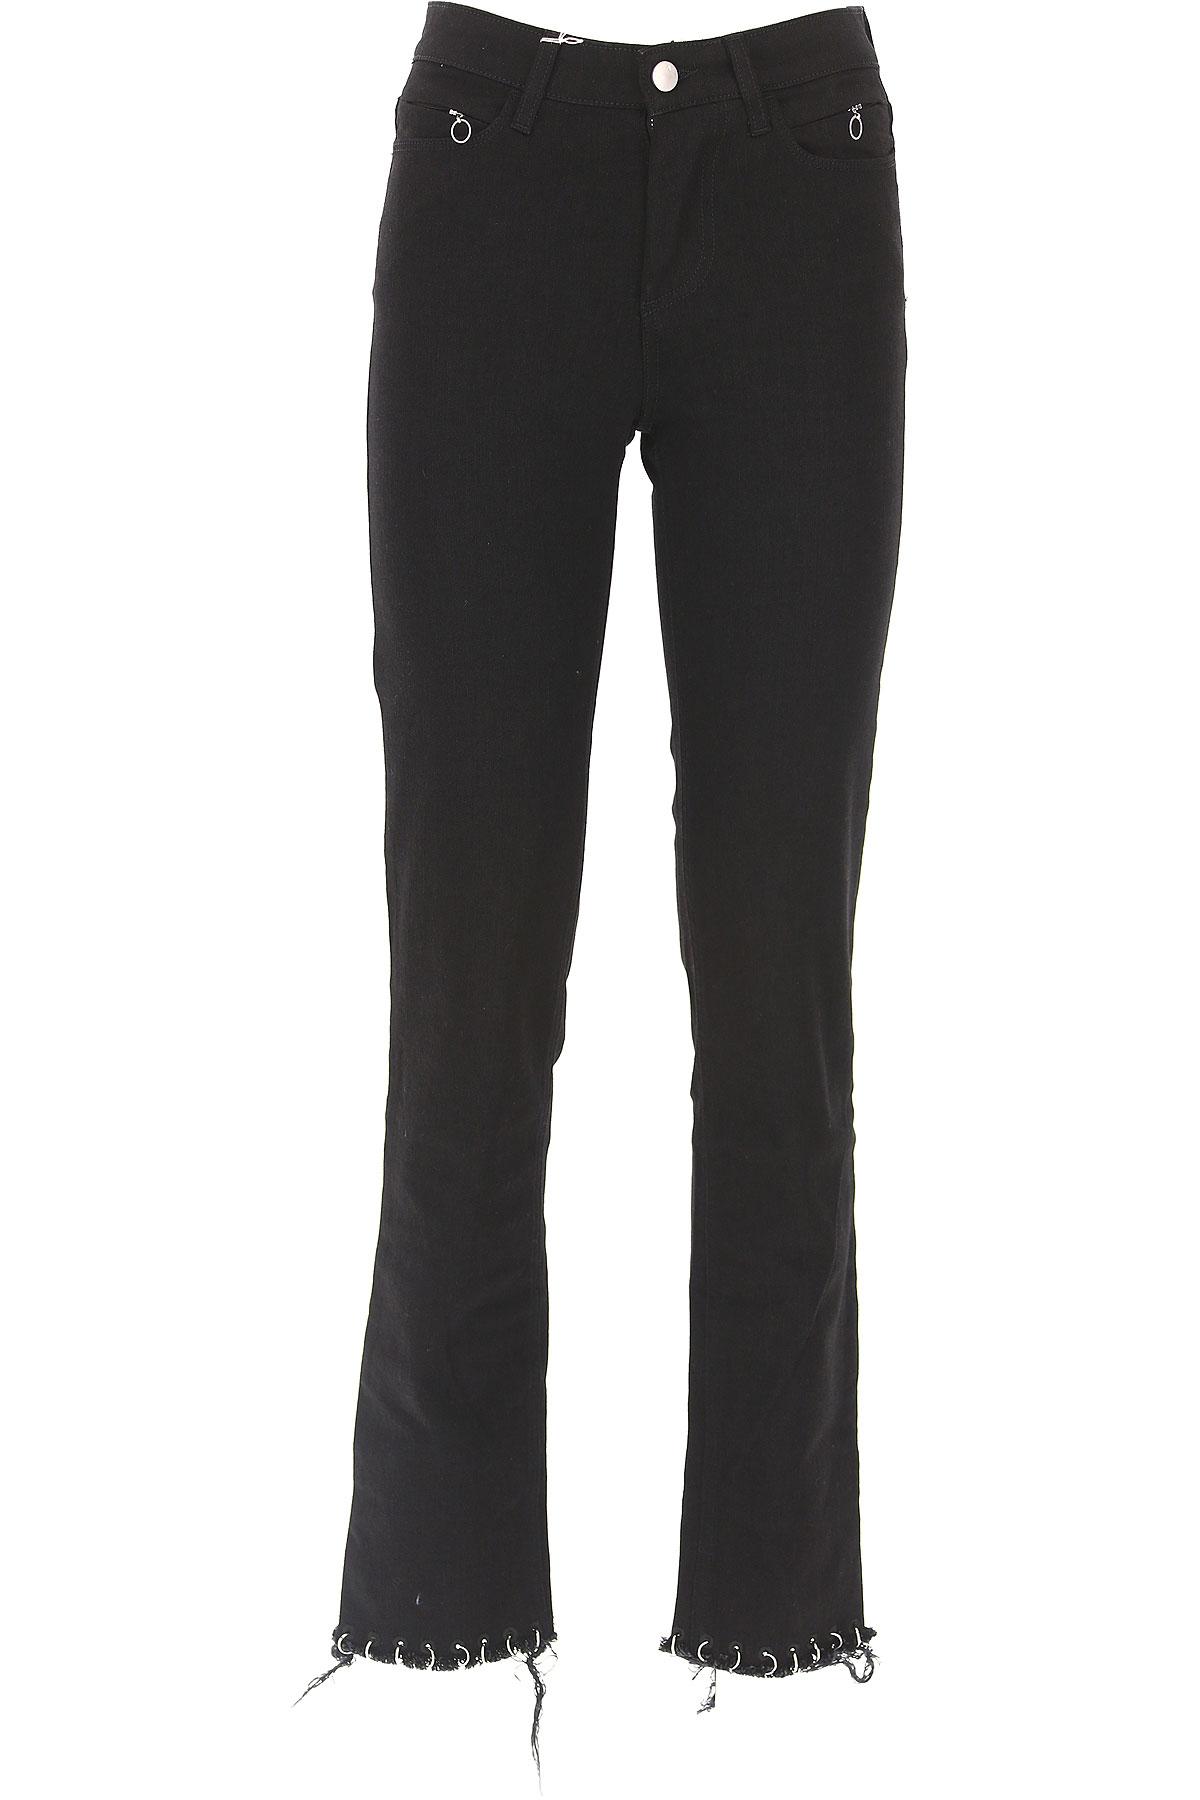 ALYX Pantalon Femme Pas cher en Soldes, Noir, Coton, 2017, 40 41 42